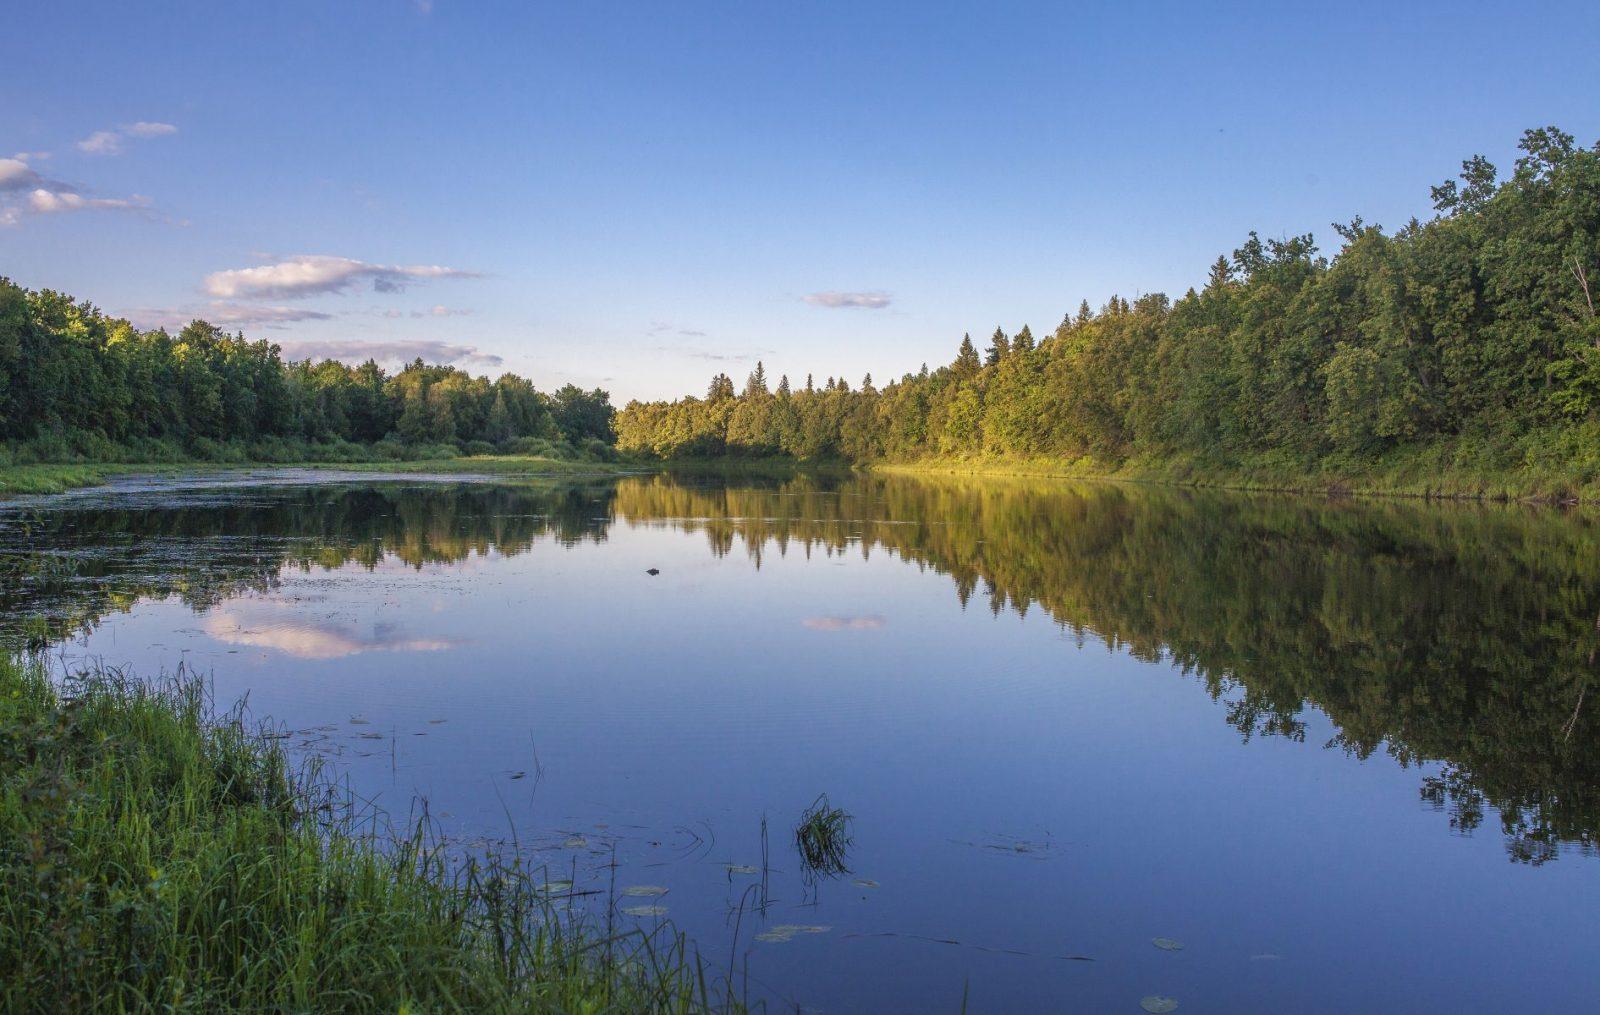 Озеро кривое. Фото А. А. Широких